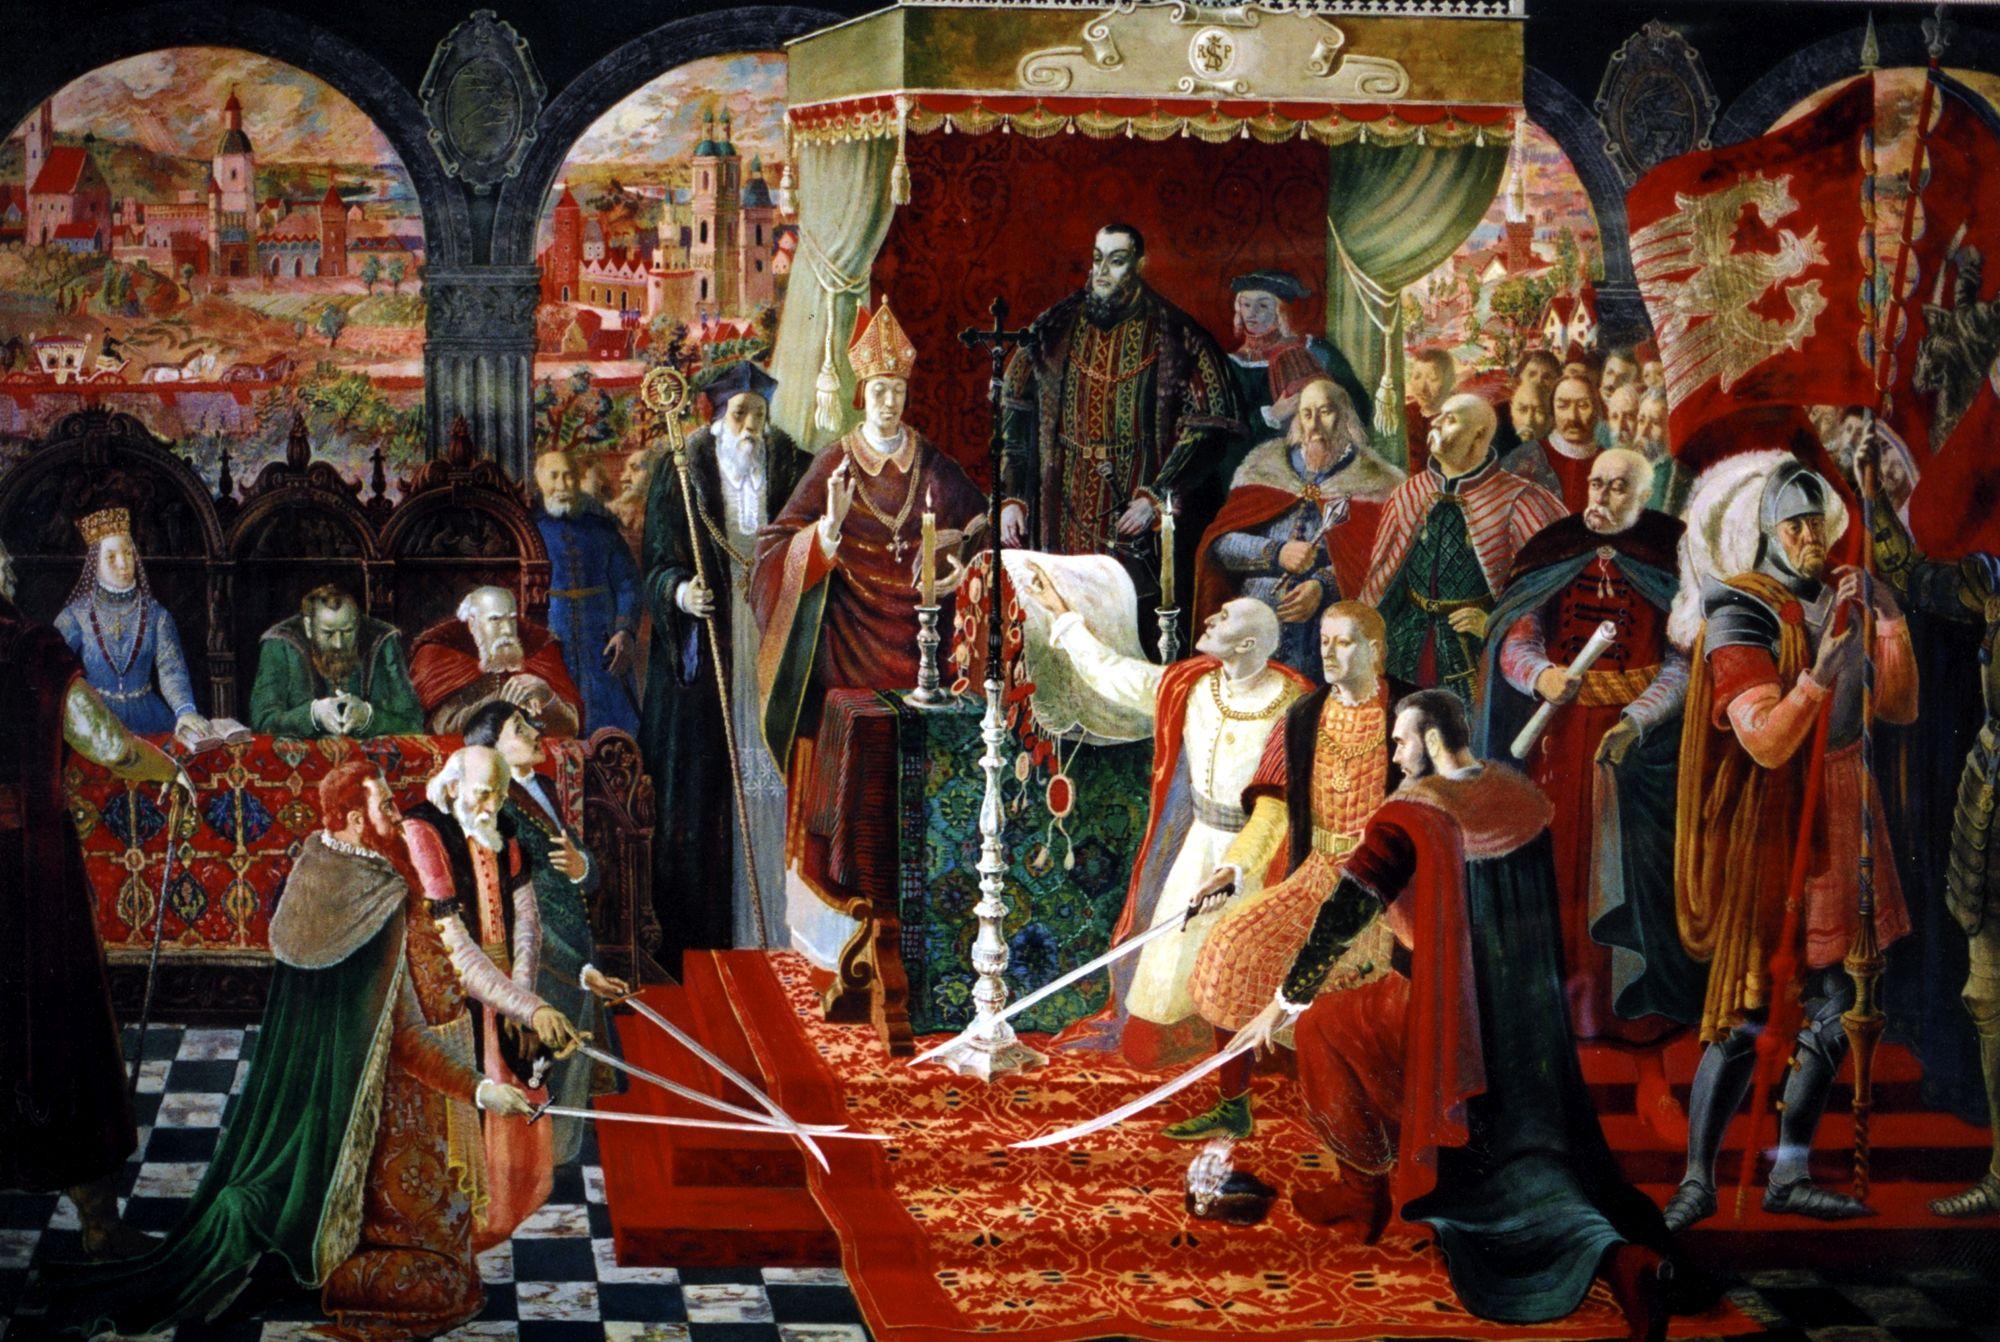 """<b>Tytuł:</b> Unia Lubelska 1569 roku; <br /><b>Autor: </b>Bractwo Łukaszowców; <br /><b>Opis: </b>Obraz """"Unia Lubelska 1569 roku"""" wchodziła w skład cyklu obrazów historycznych namalowanych przez członków Bractwa Świętego Łukasza na Wystawę Światową, która odbyła się w 1939 roku w Nowym Jorku. Cykl miał być umieszczony w sali honorowej Polskiego Pawilonu.<br /><b>Prawa: </b>Copyright © Muzeum Nadwiślańskie w Kazimierzu Dolnym; <br /><a  data-cke-saved-href=""""http://biblioteka.teatrnn.pl/dlibra/dlibra/docmetadata?id=19863"""" href=""""http://biblioteka.teatrnn.pl/dlibra/dlibra/docmetadata?id=19863"""">Pełna fiszka publikacji</a><br />"""